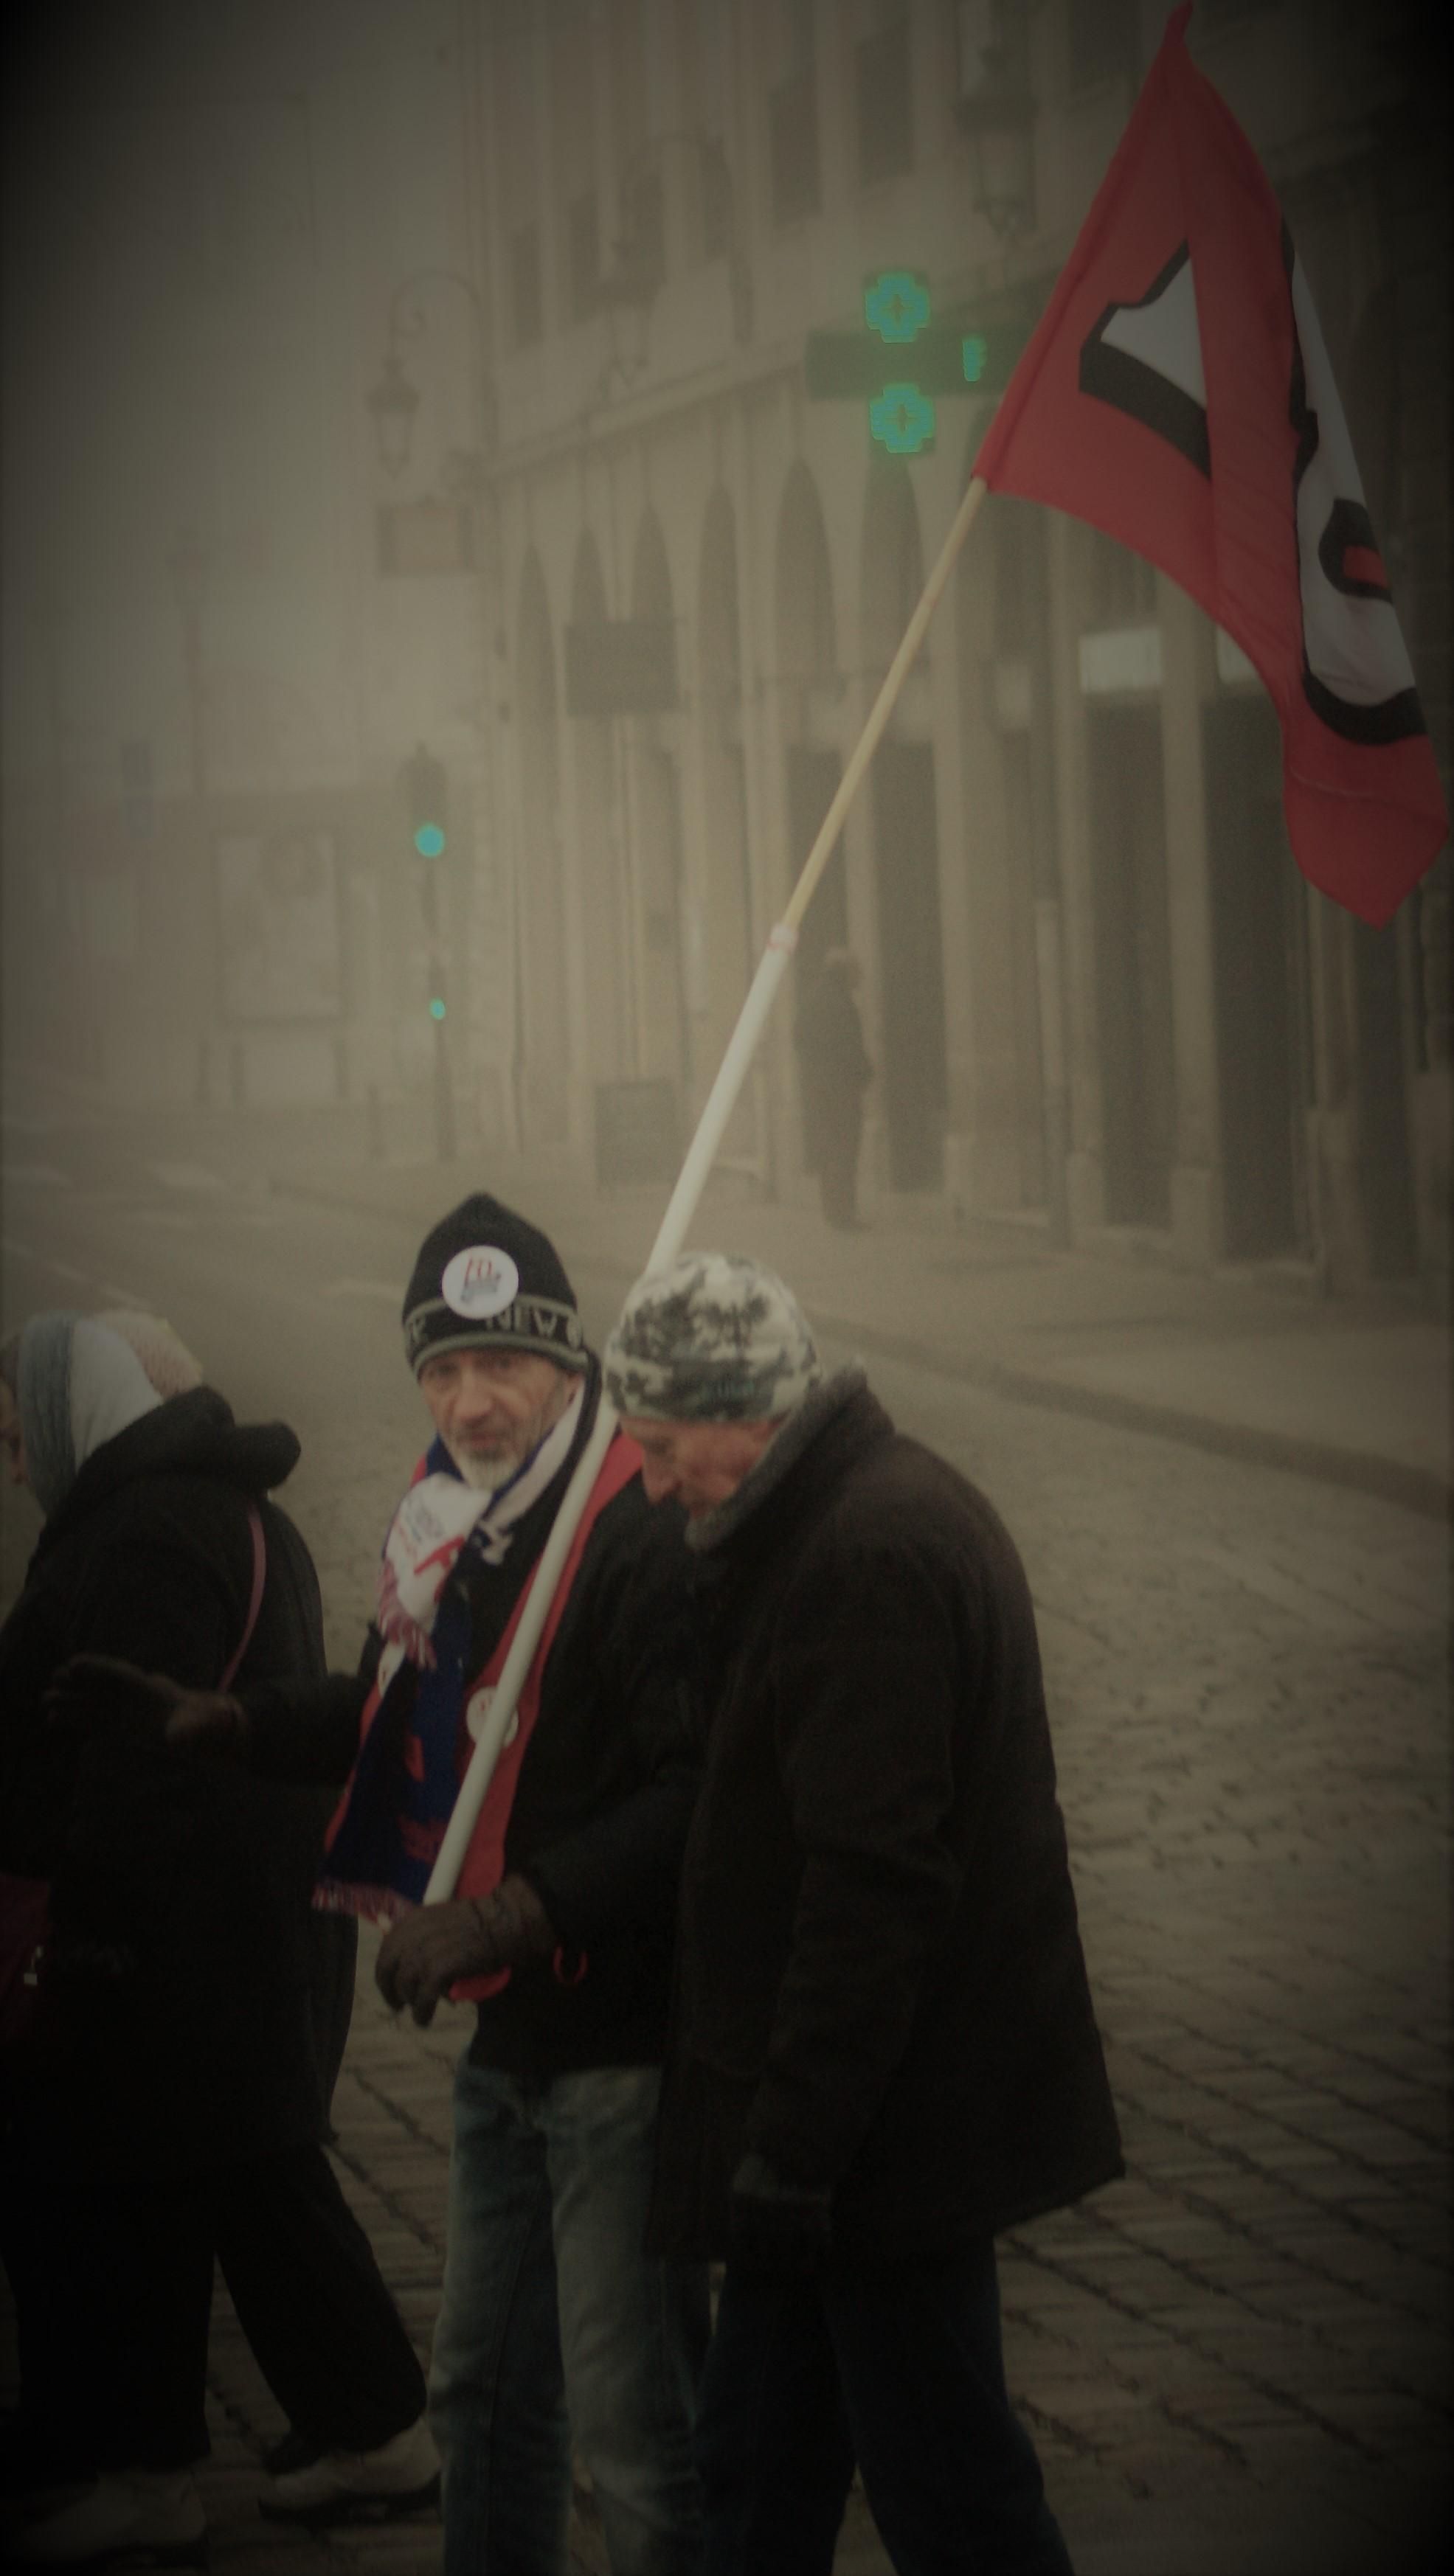 Grève_5 décembre 2019_REIMS_83